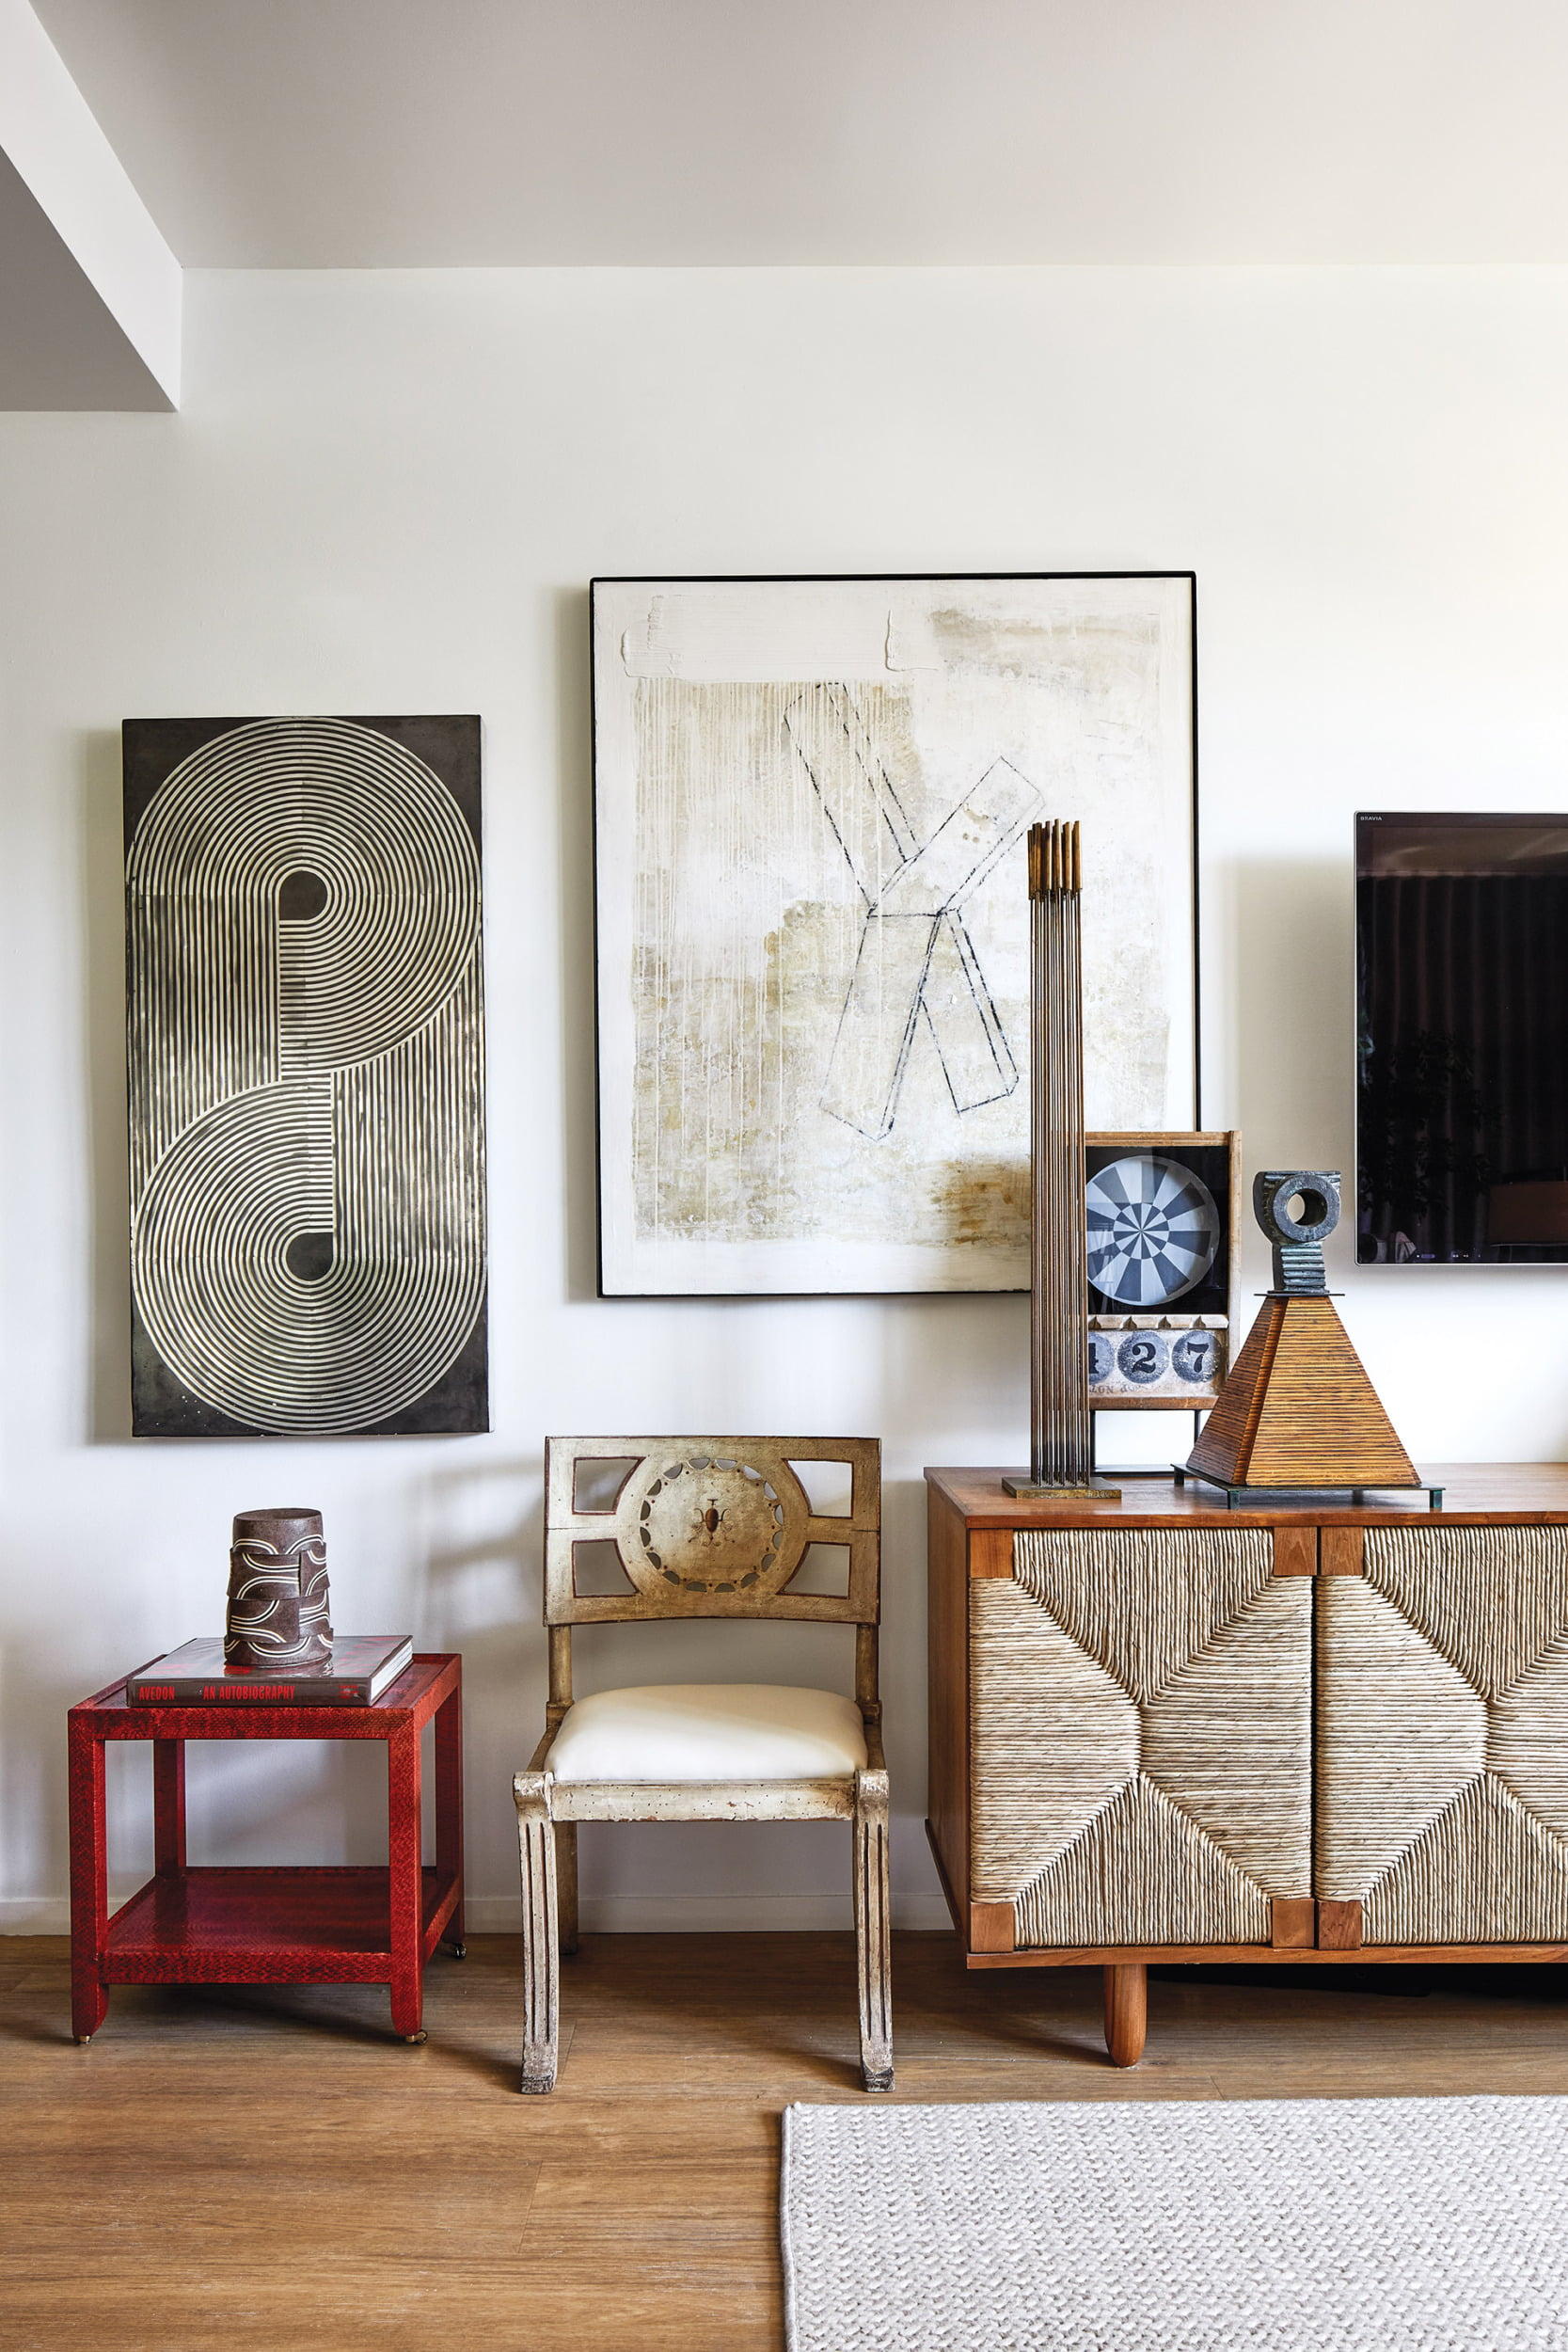 18世纪的意大利椅子和现代石墨和混凝土由Stephen Benedicto